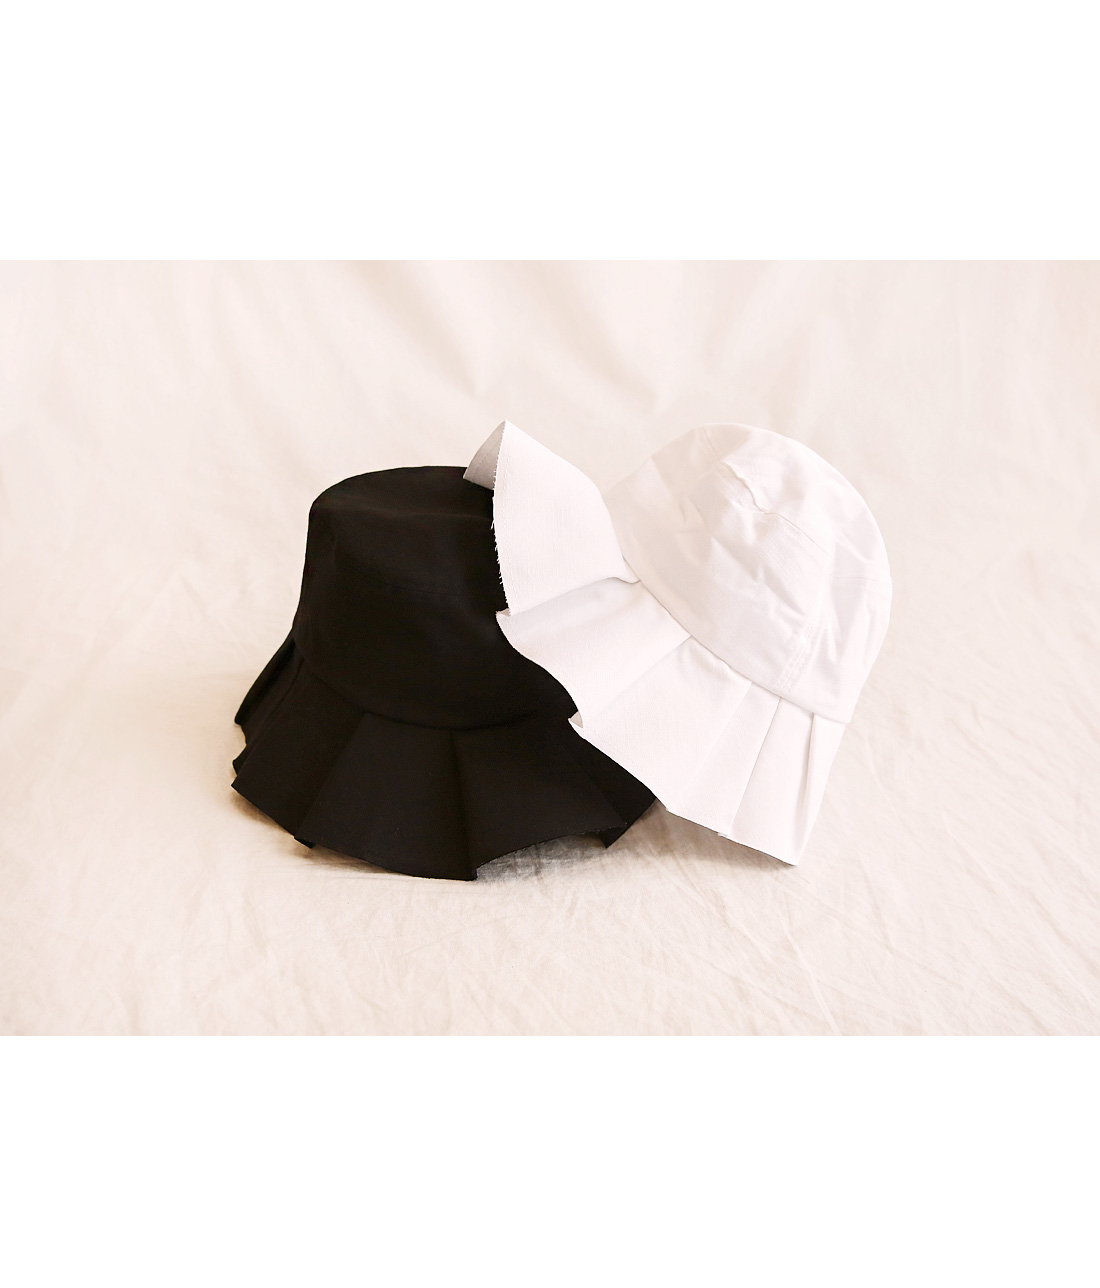 RANNING FRILL POINT BUCKET HAT